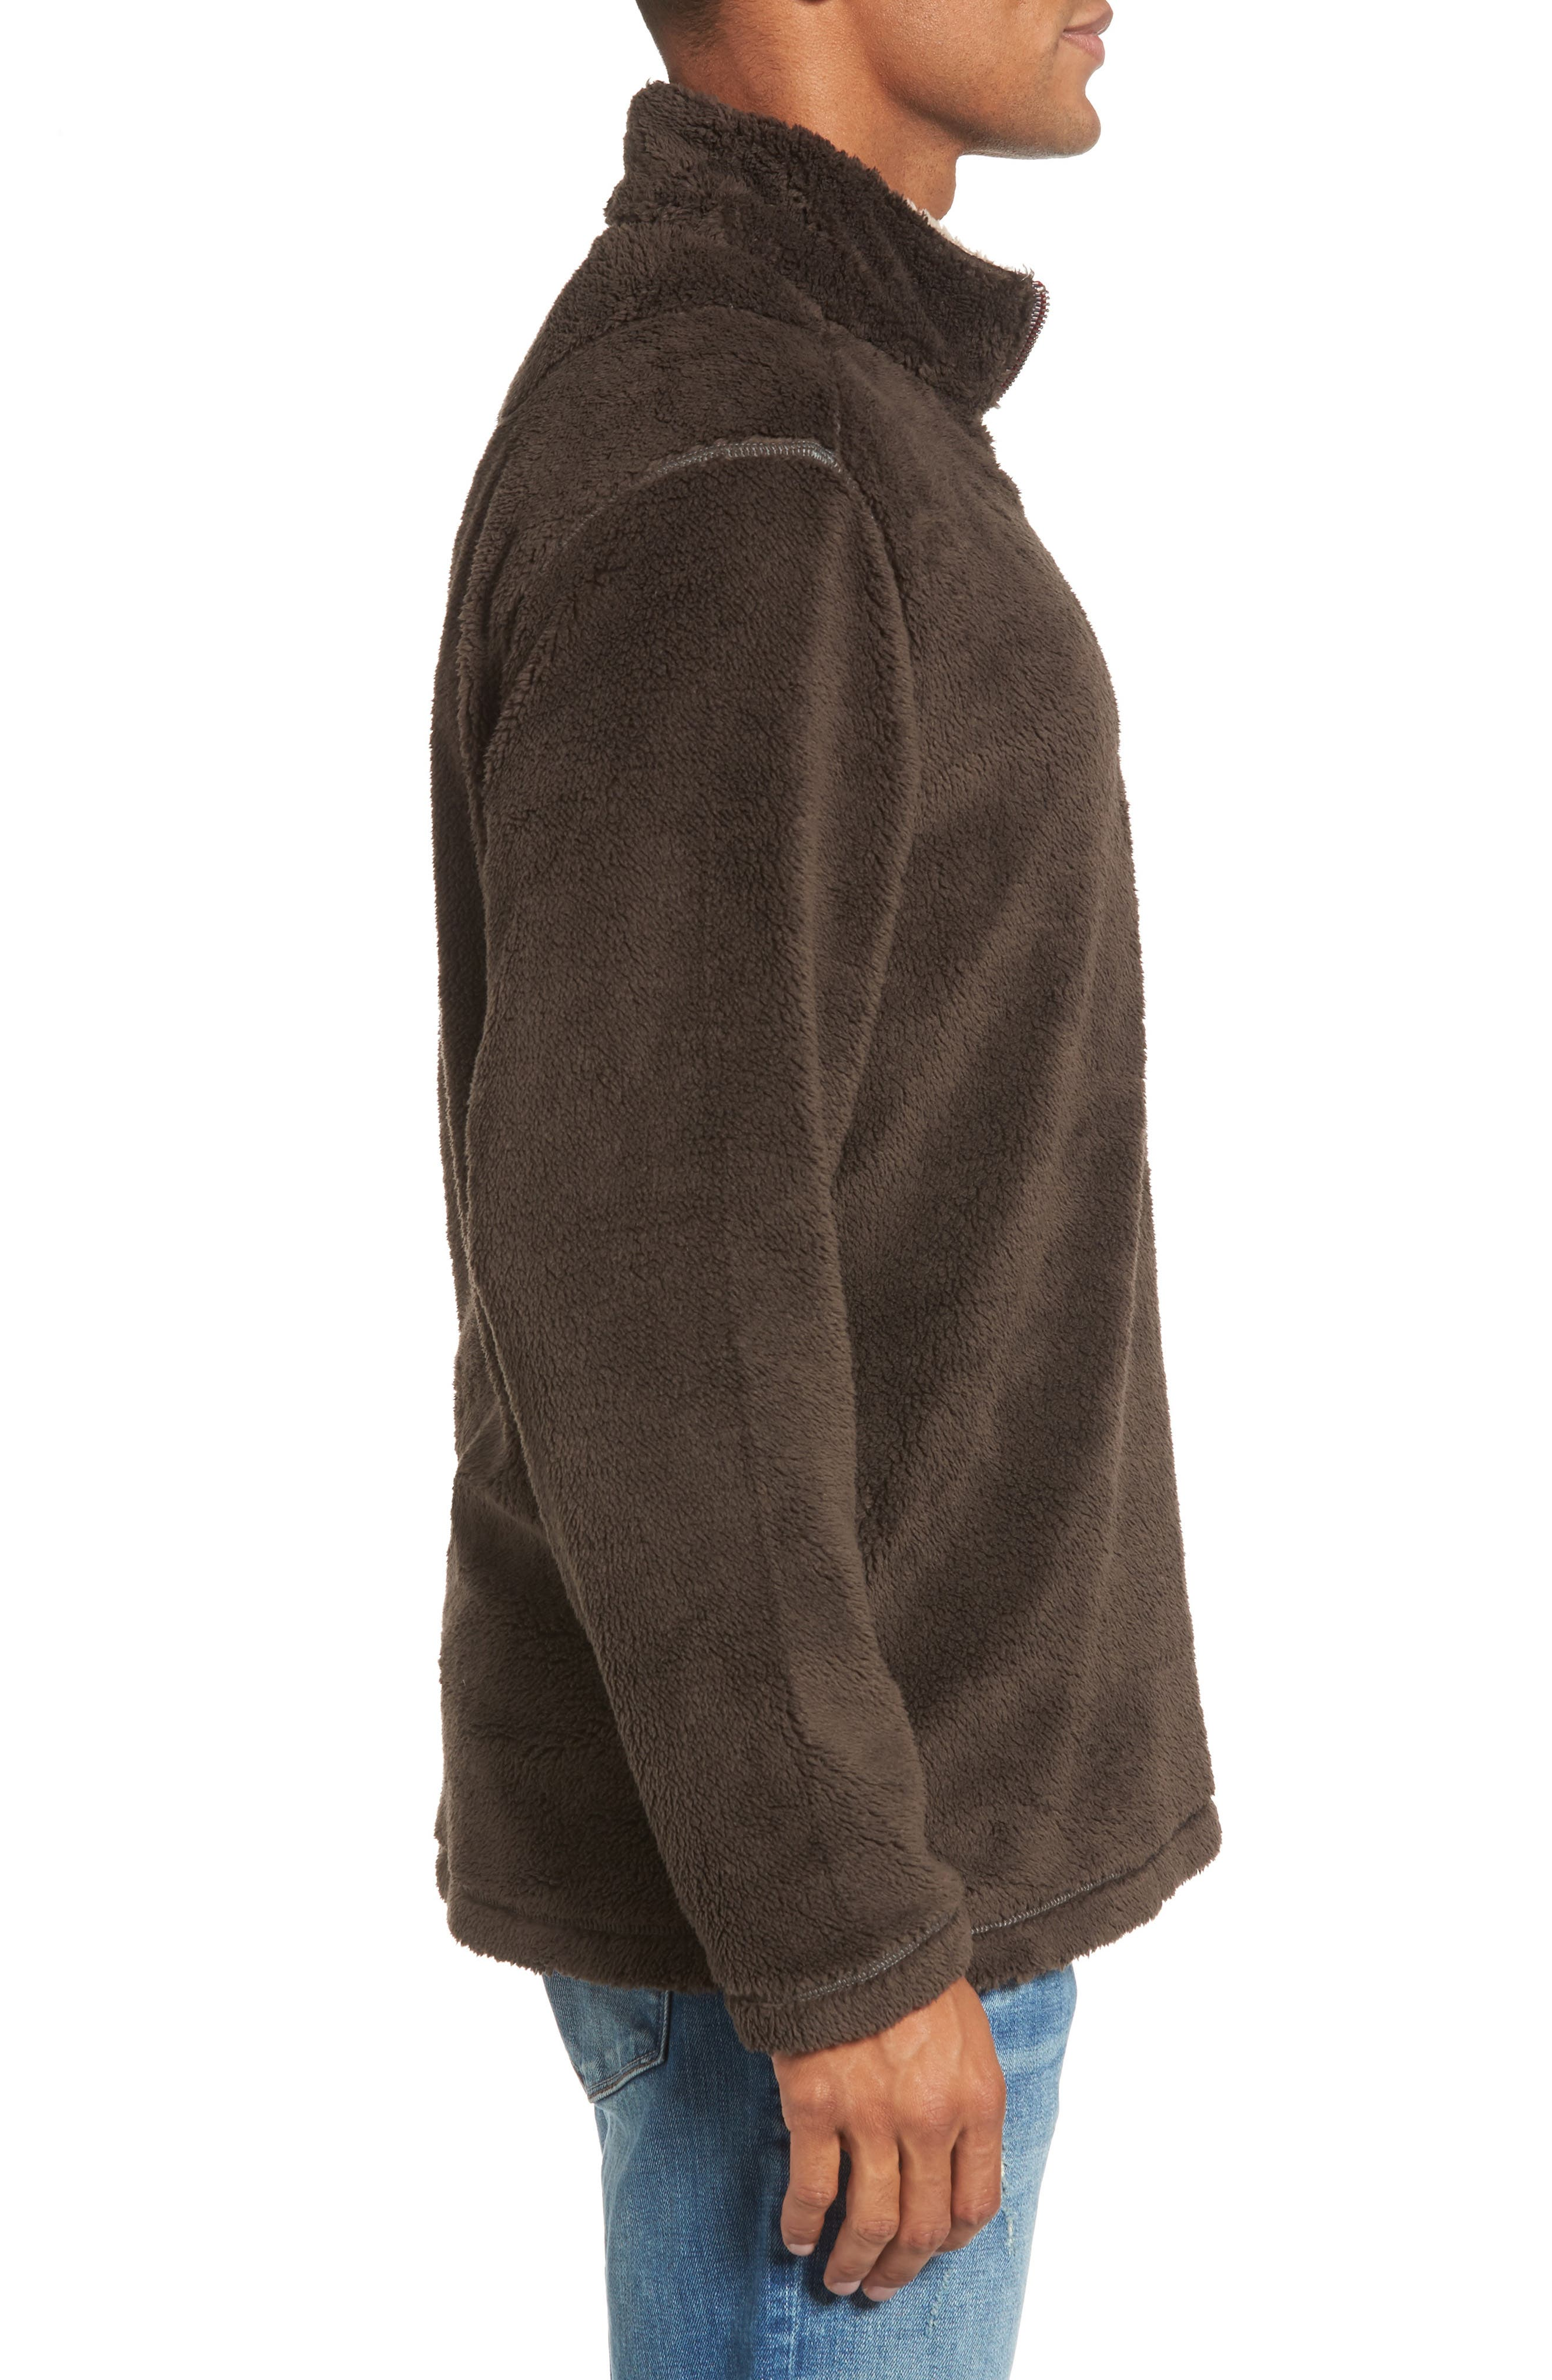 Pebble Pile Quarter Zip Pullover,                             Alternate thumbnail 3, color,                             VINTAGE BR